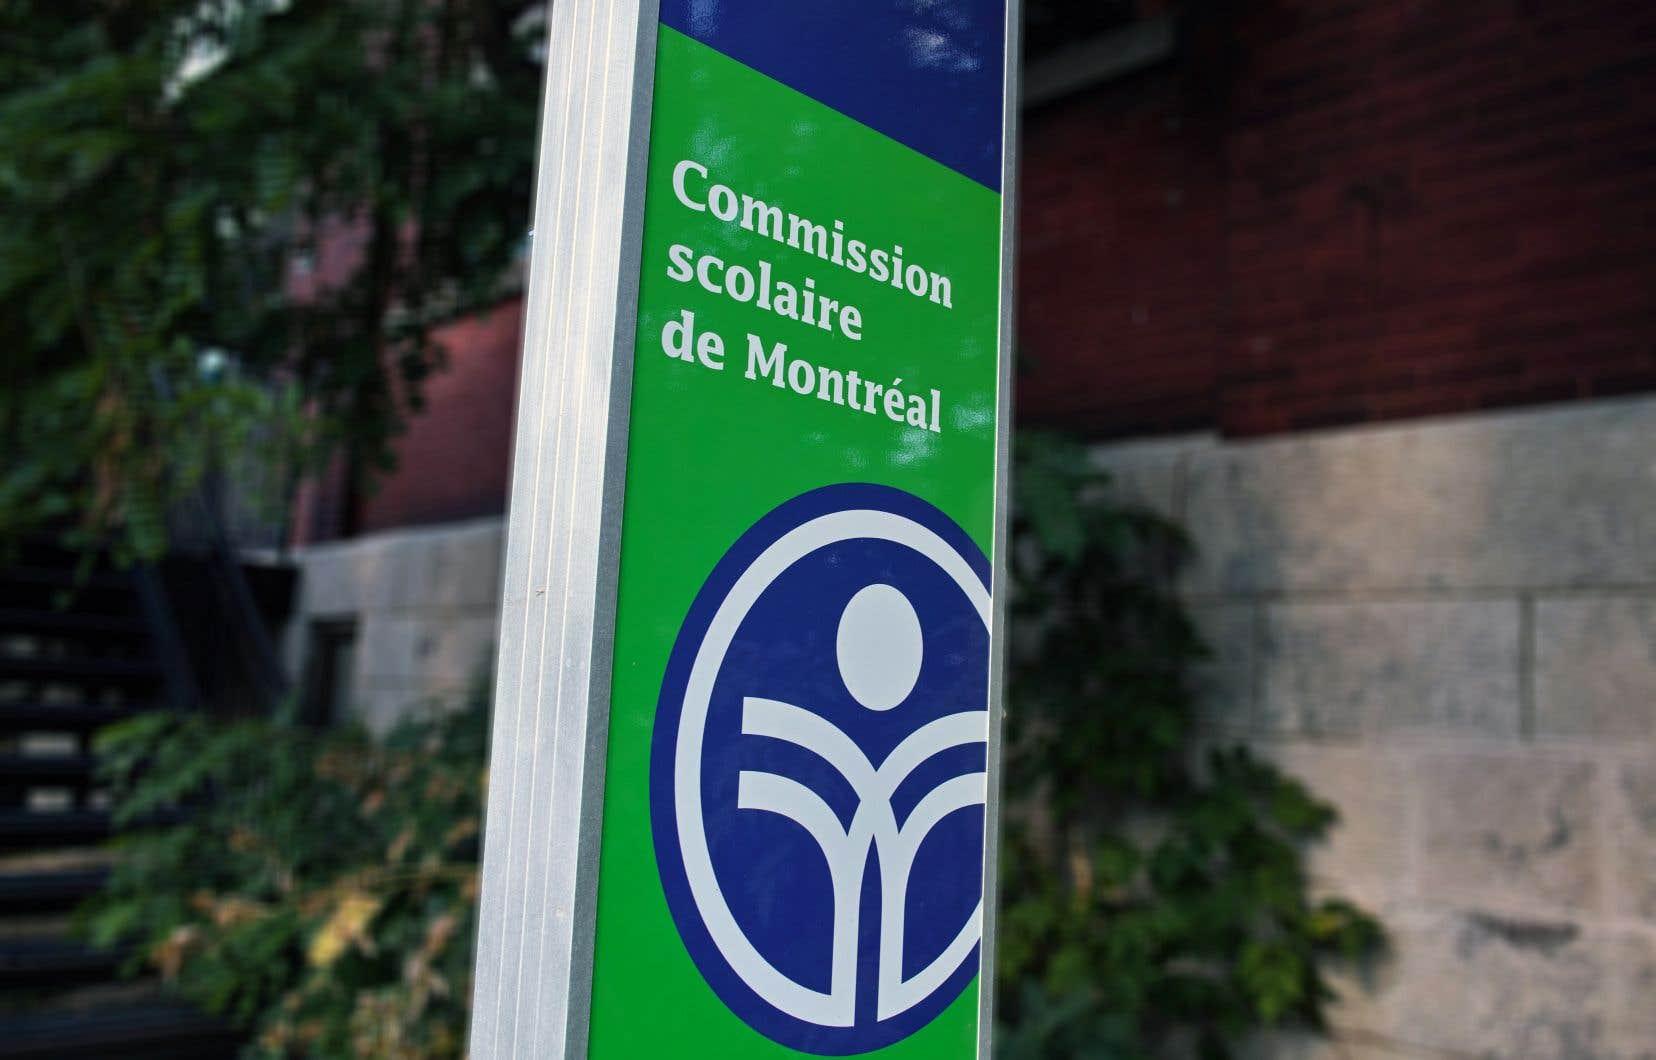 La commissaire Violaine Cousineau avait pris fait et cause pour les enseignants alors que la commission scolaire était en négociation avec eux.